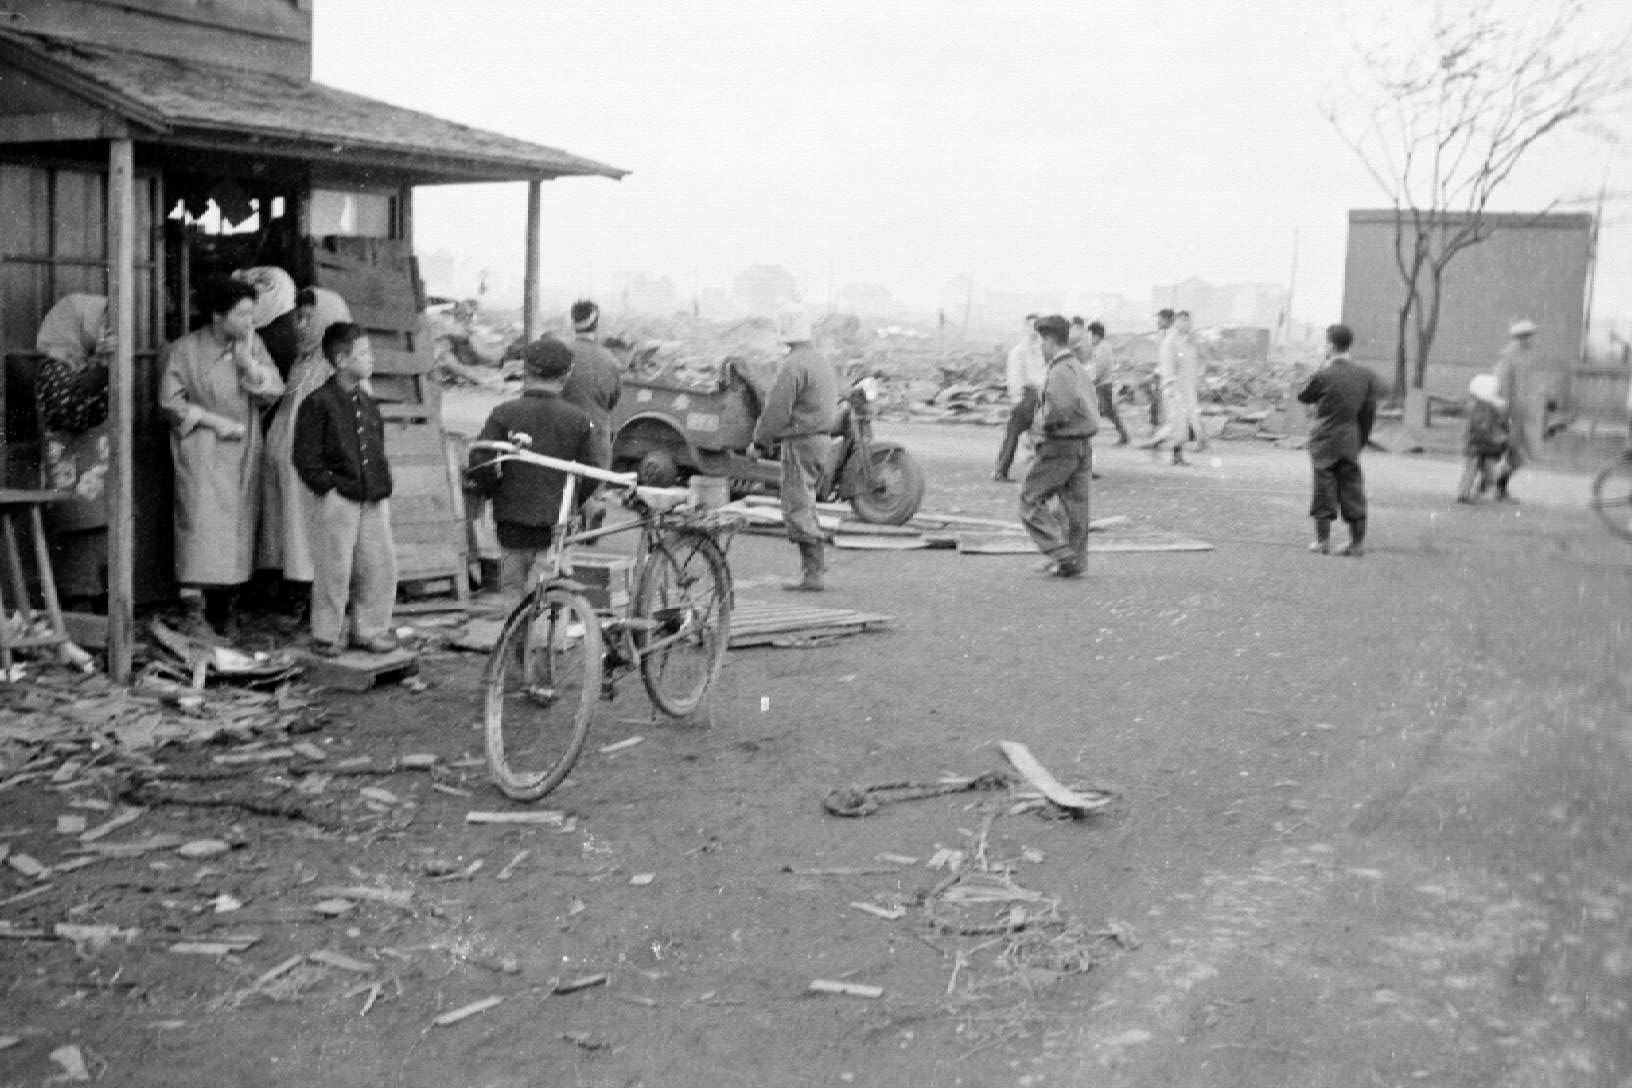 岩内町郷土館ブログ: 岩内大火直後の町の写真が寄贈されました。